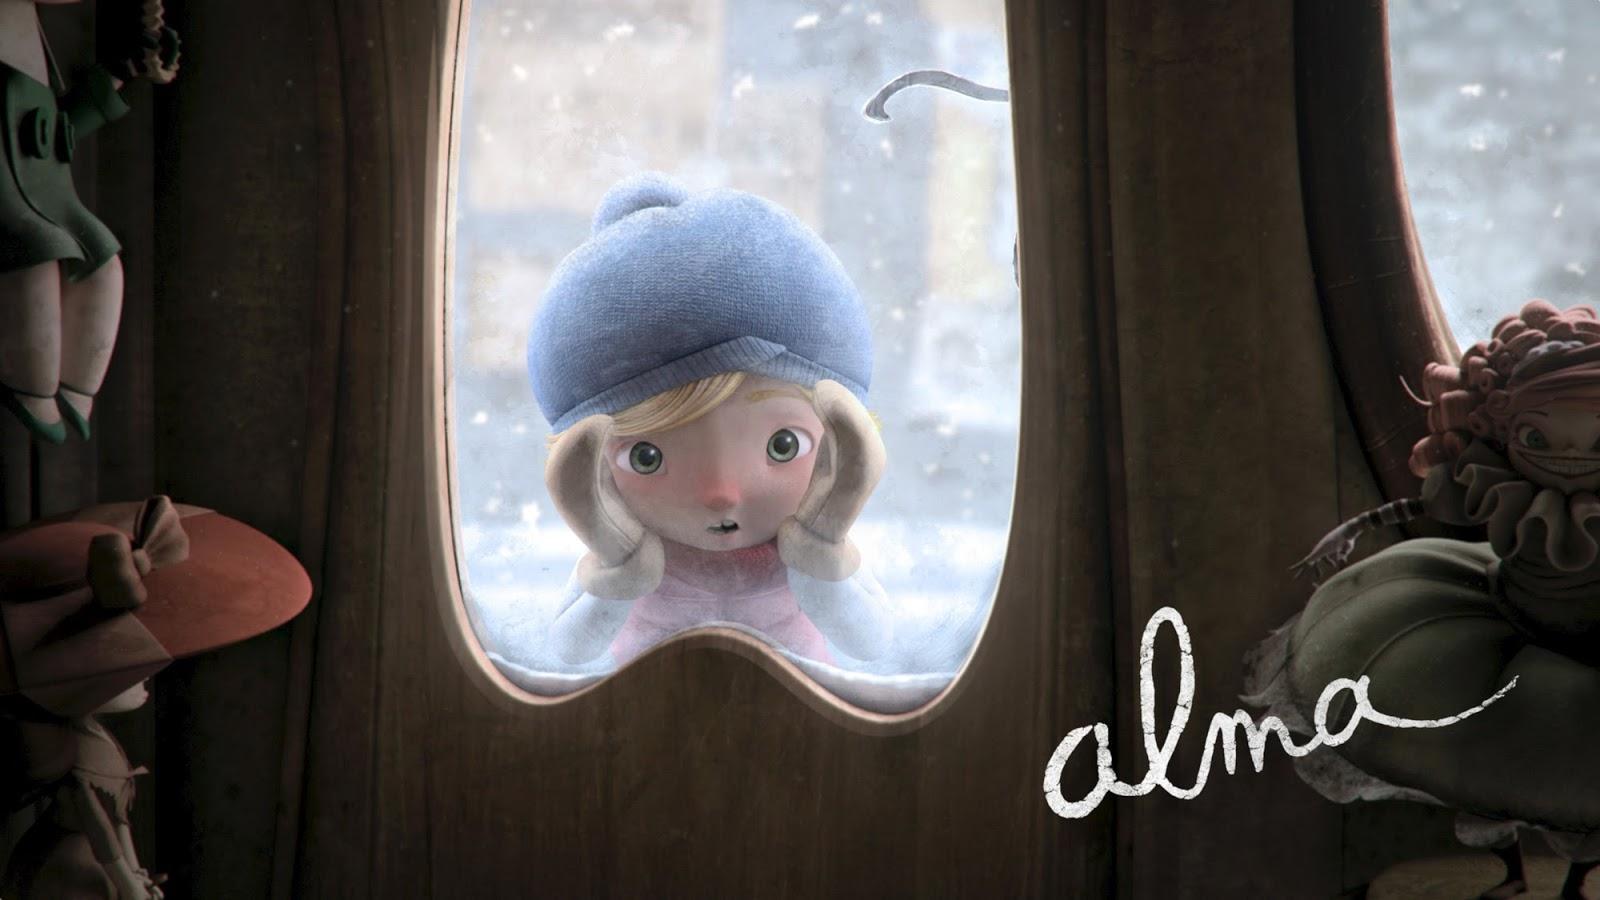 'Alma' é o curta-metragem de animação com um lado obscuro que vai te fazer refletir